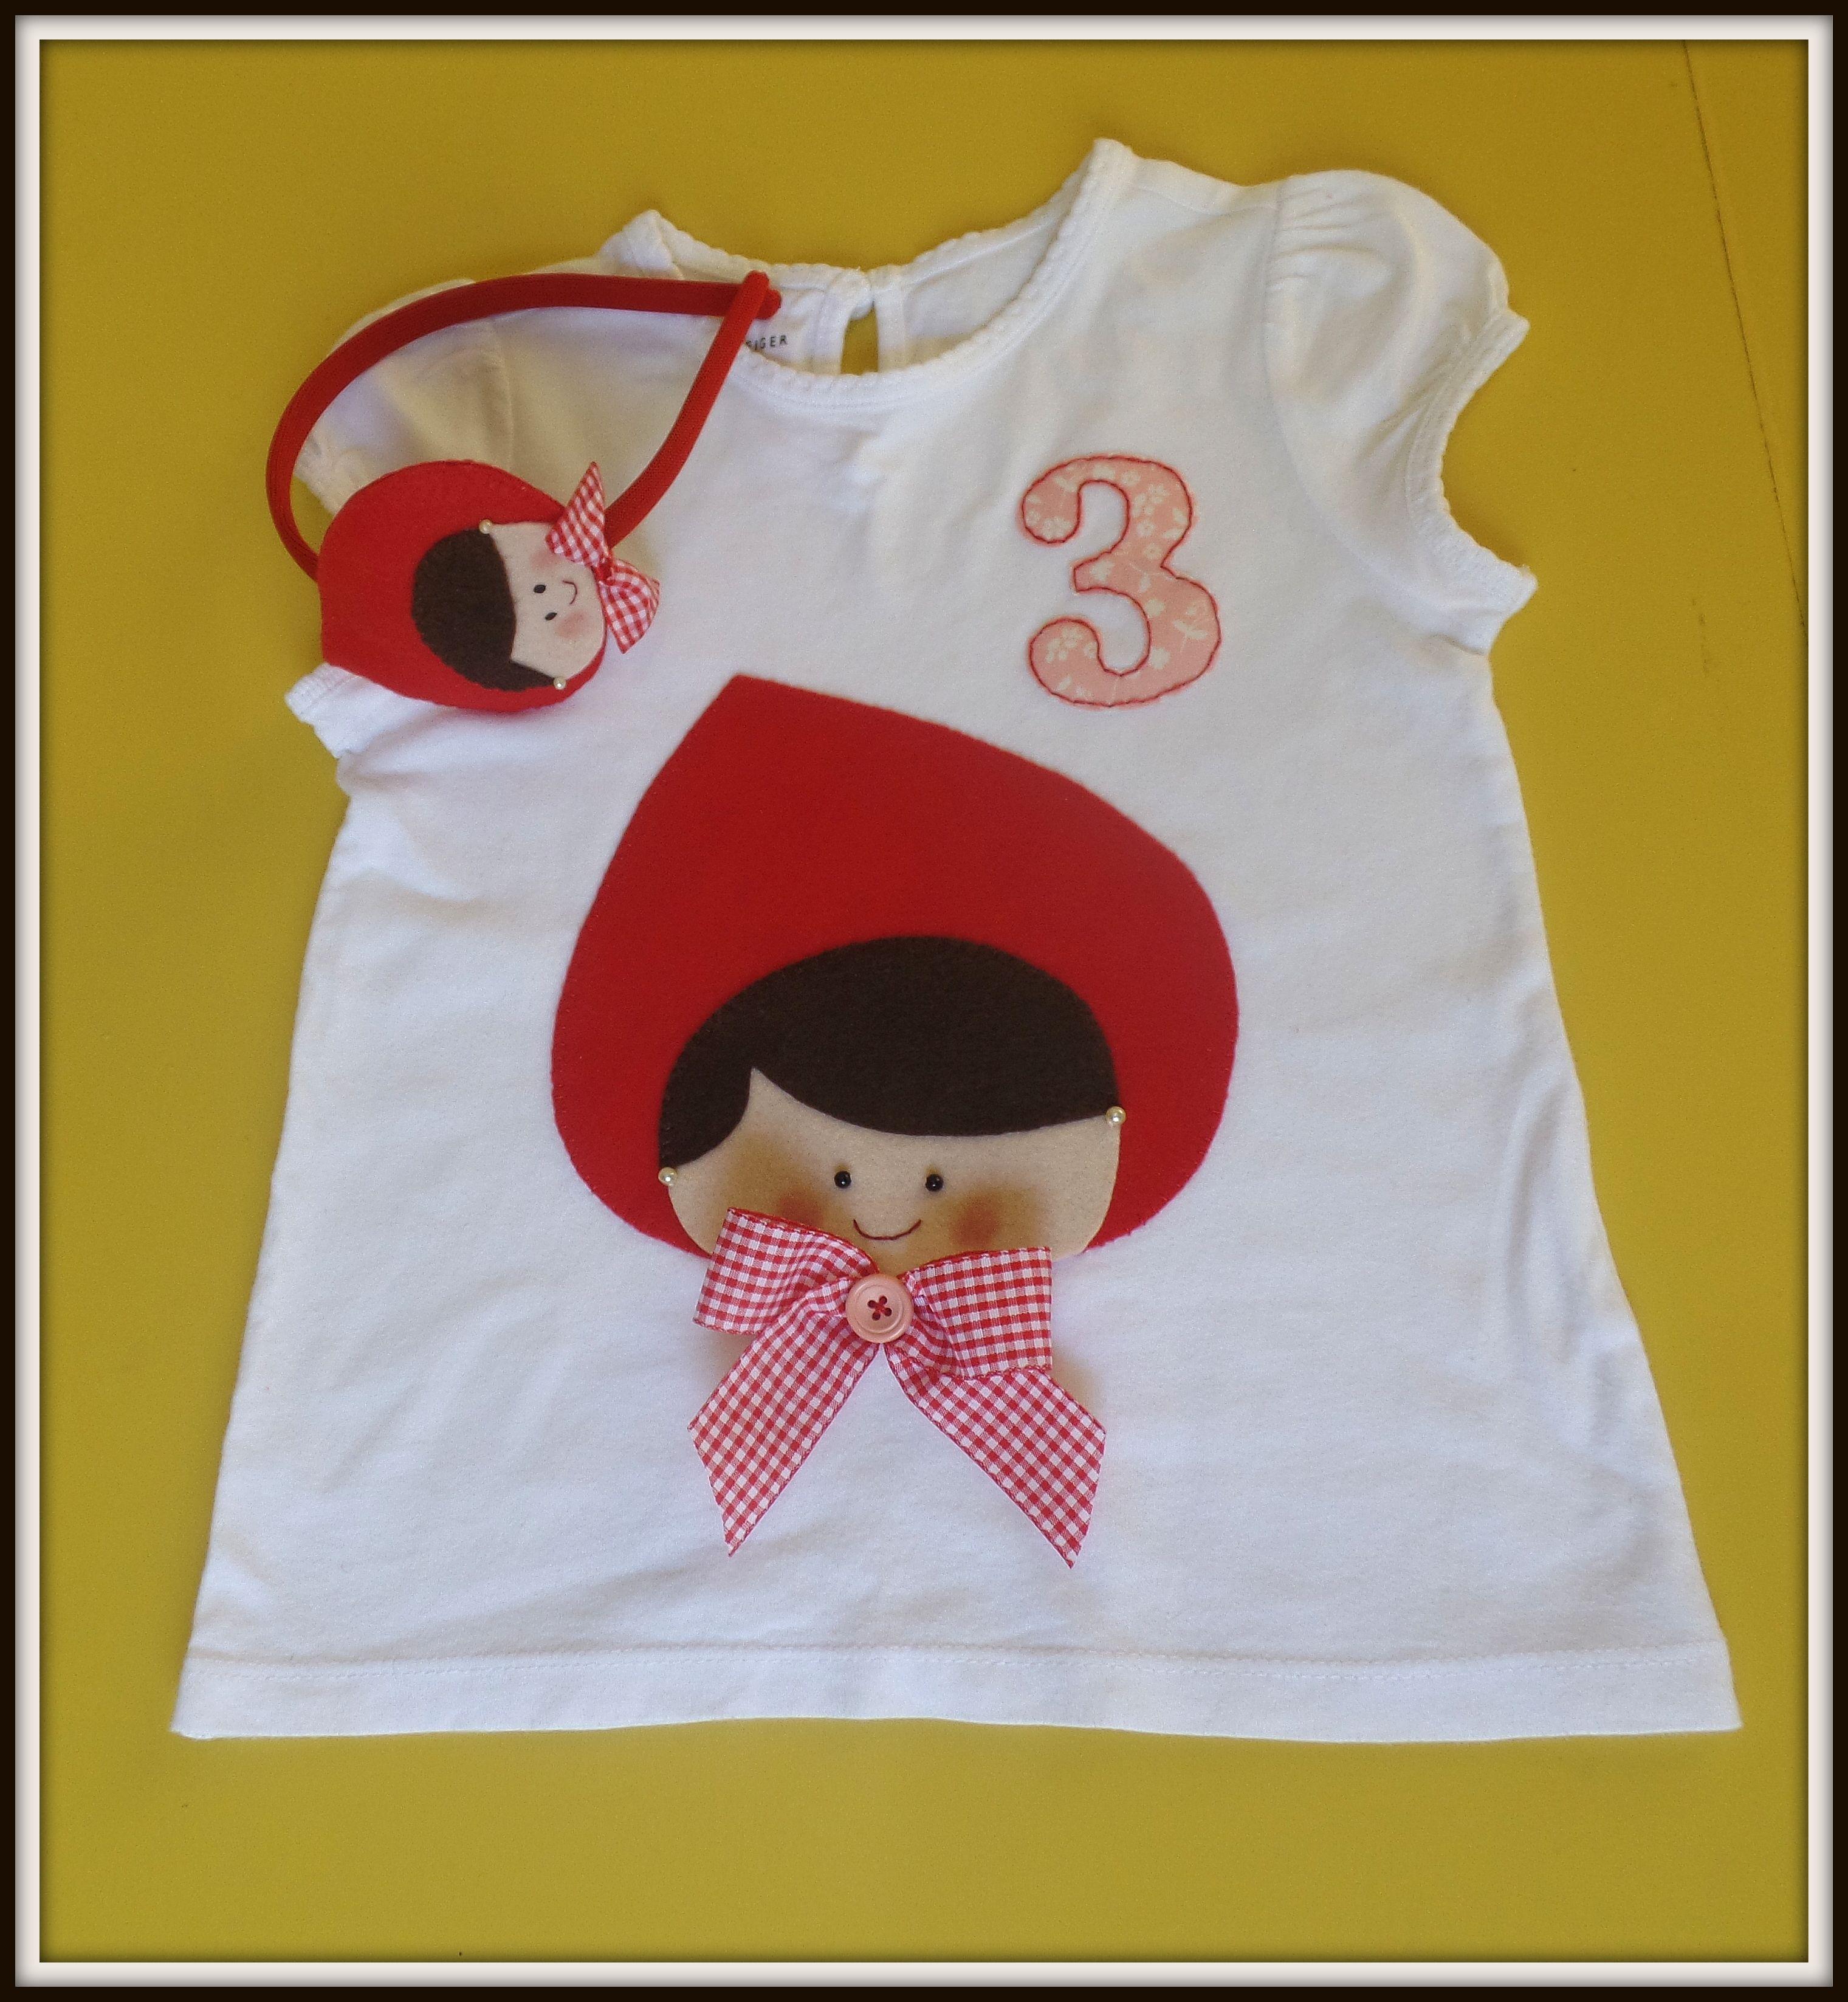 e5f737fcd0 Camiseta bebê menina personalizada aniversário tema chapeuzinho vermelho